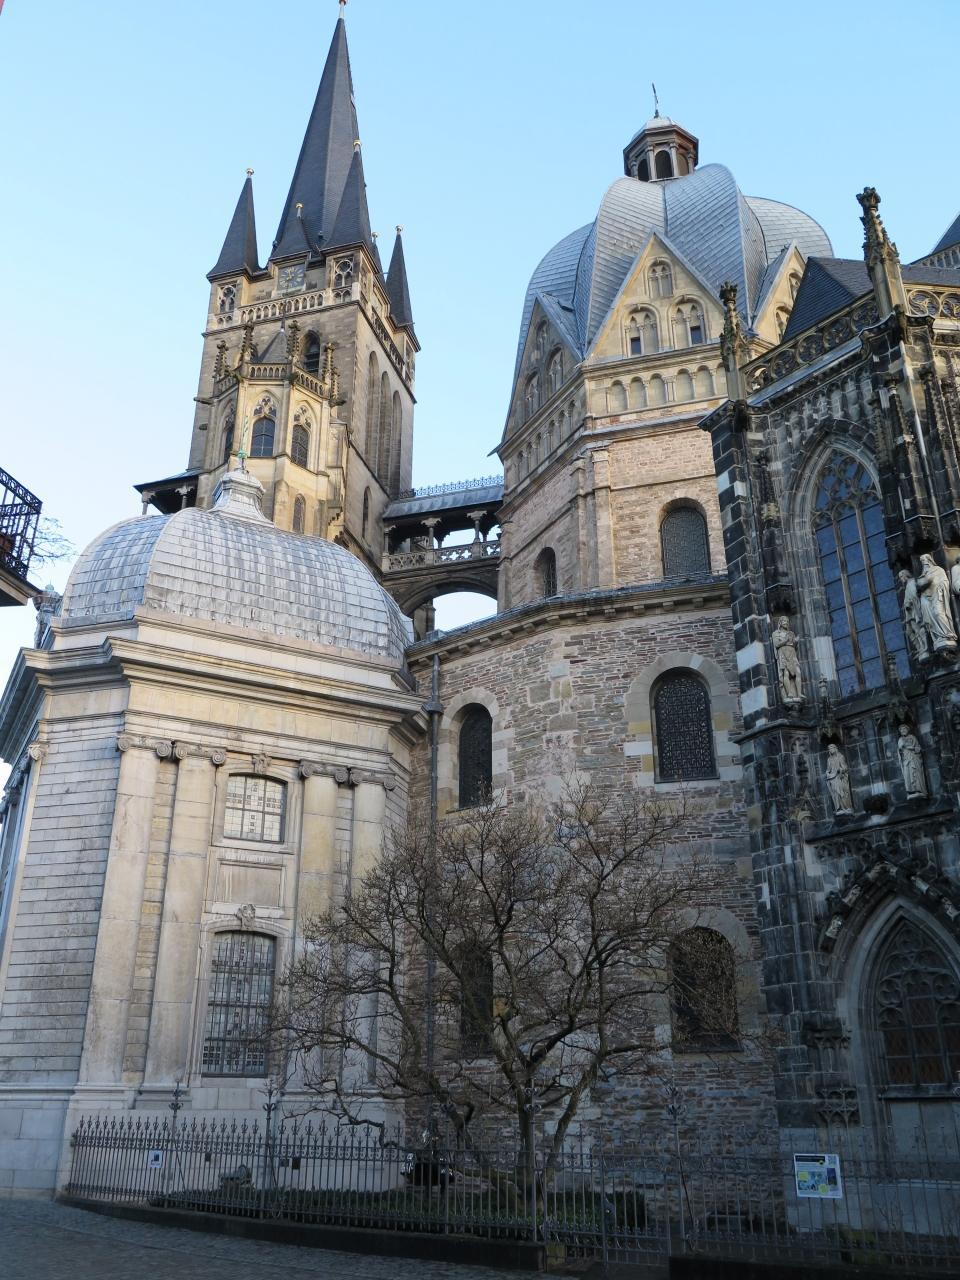 アーヘン大聖堂の画像 p1_30